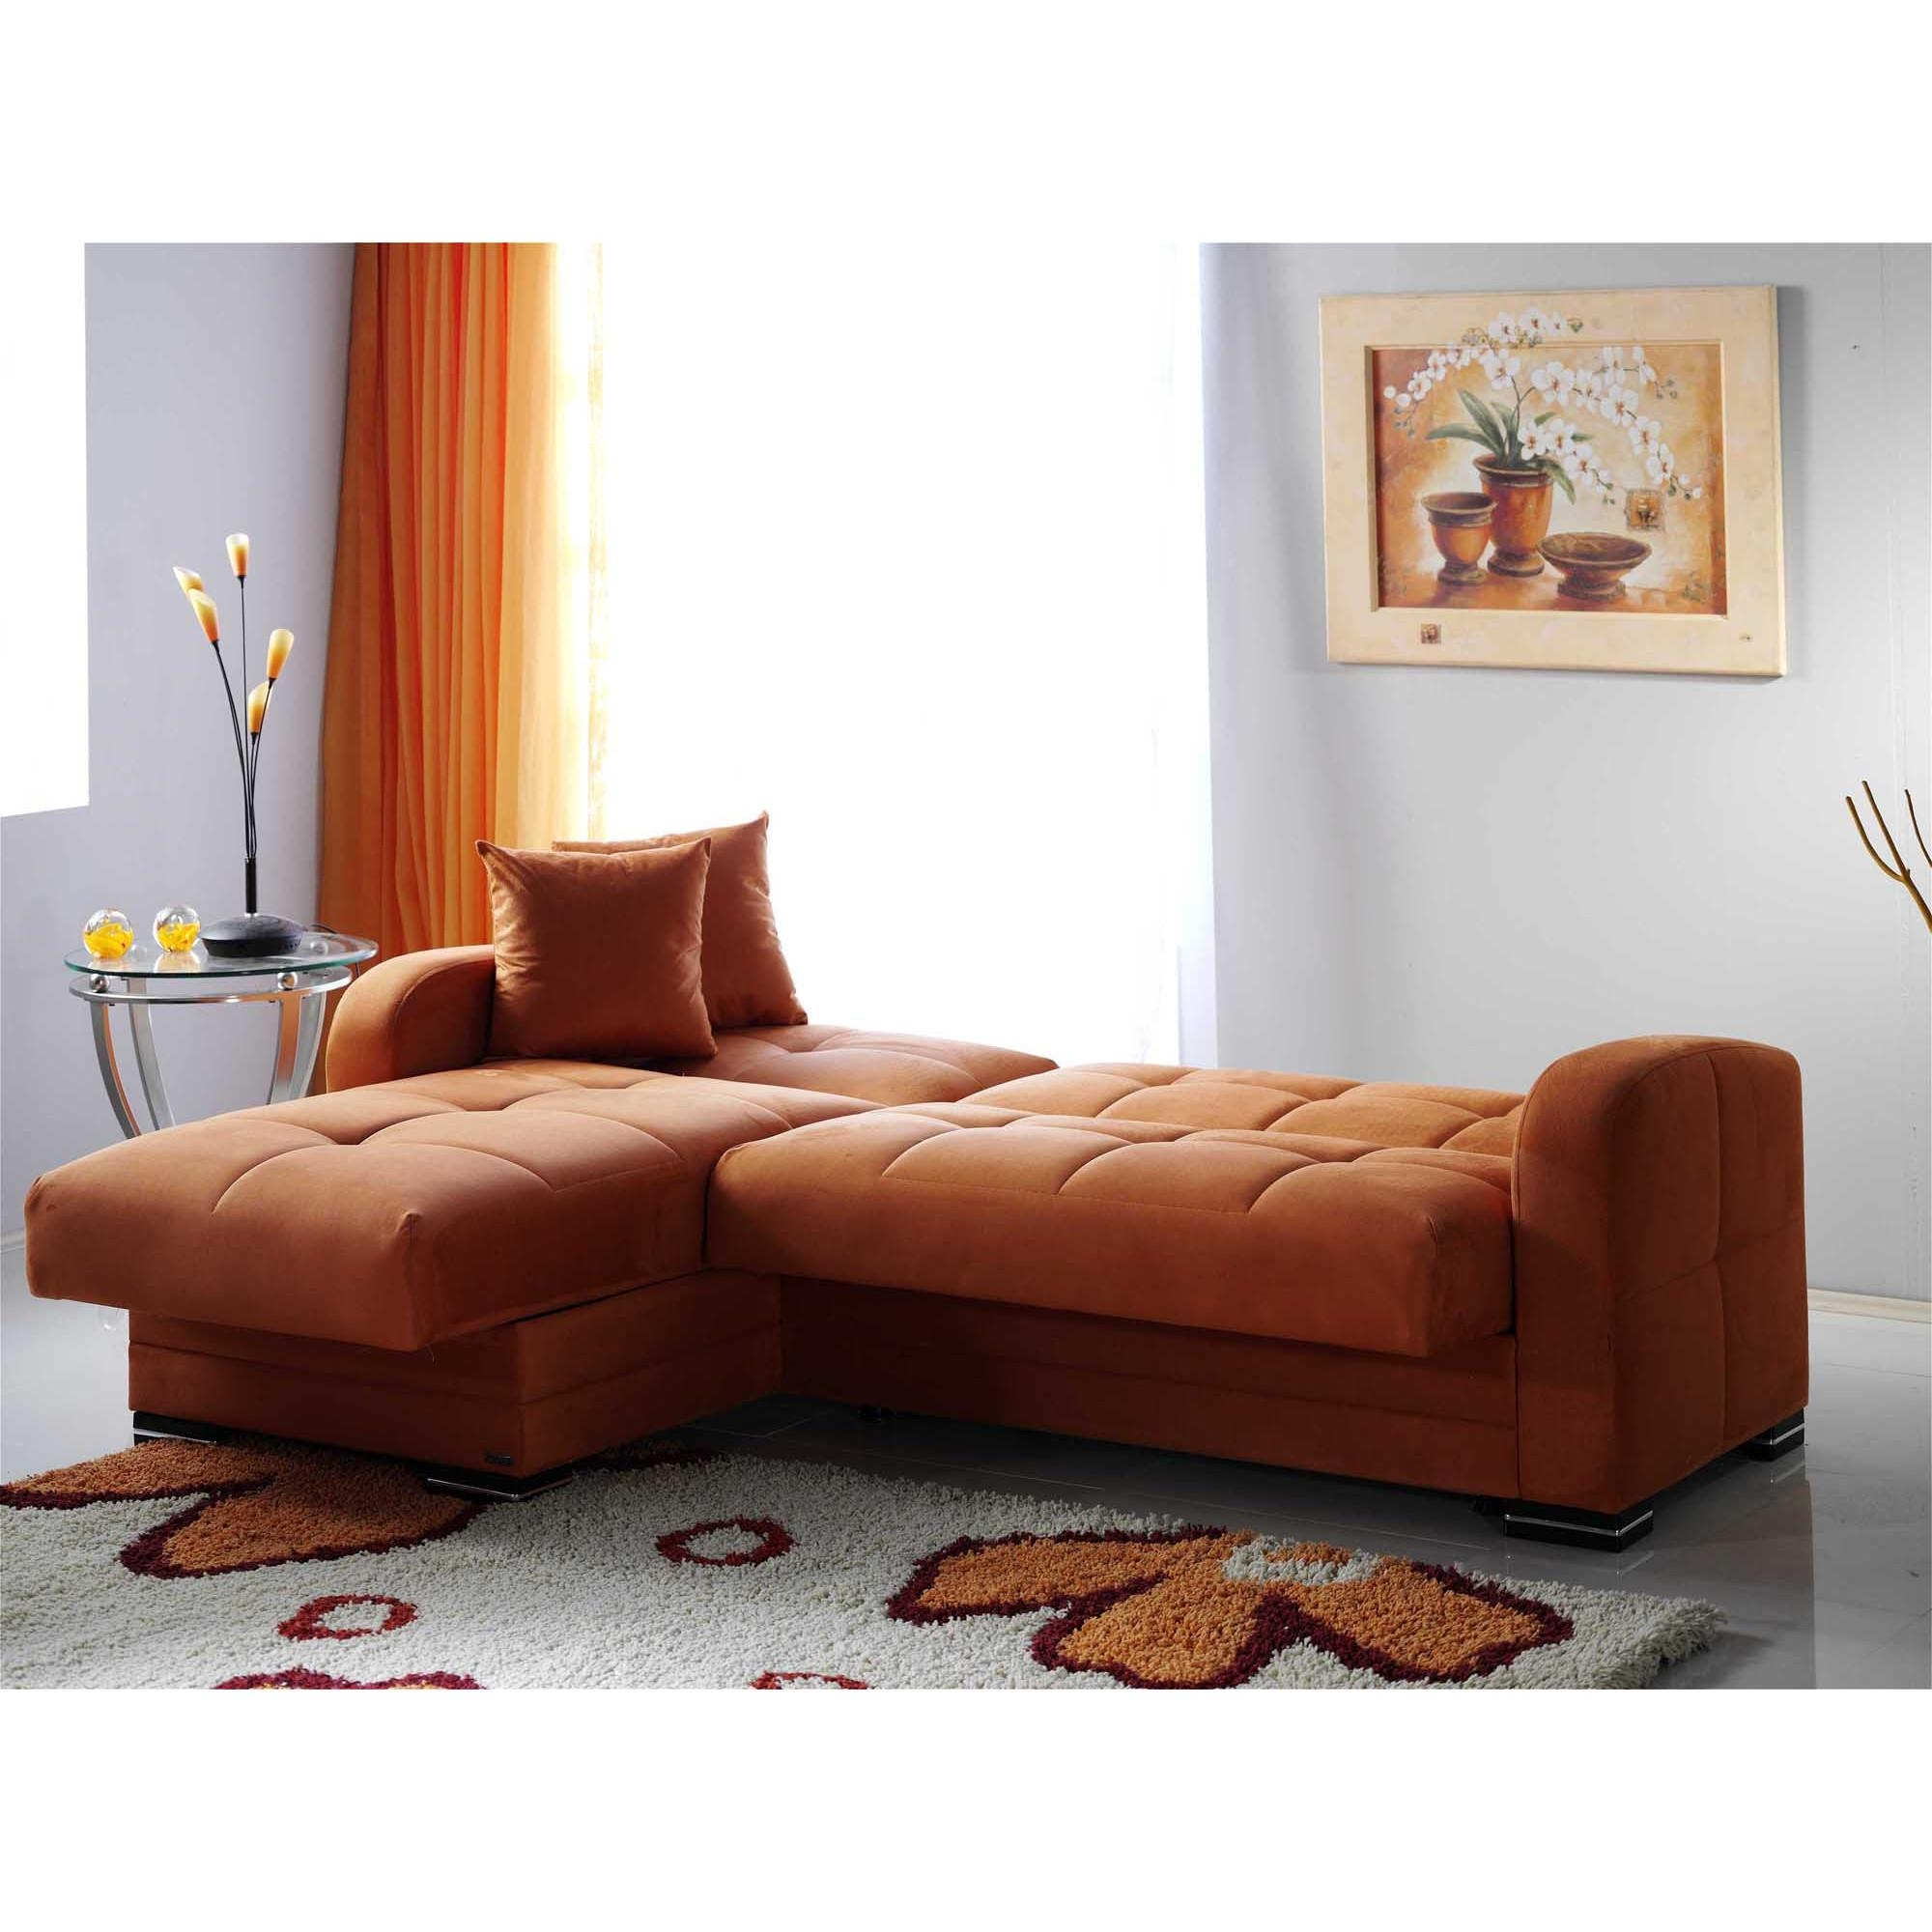 Kubo Rainbow Orange Sectional Sofasunset Throughout Orange Sectional Sofa (View 20 of 20)